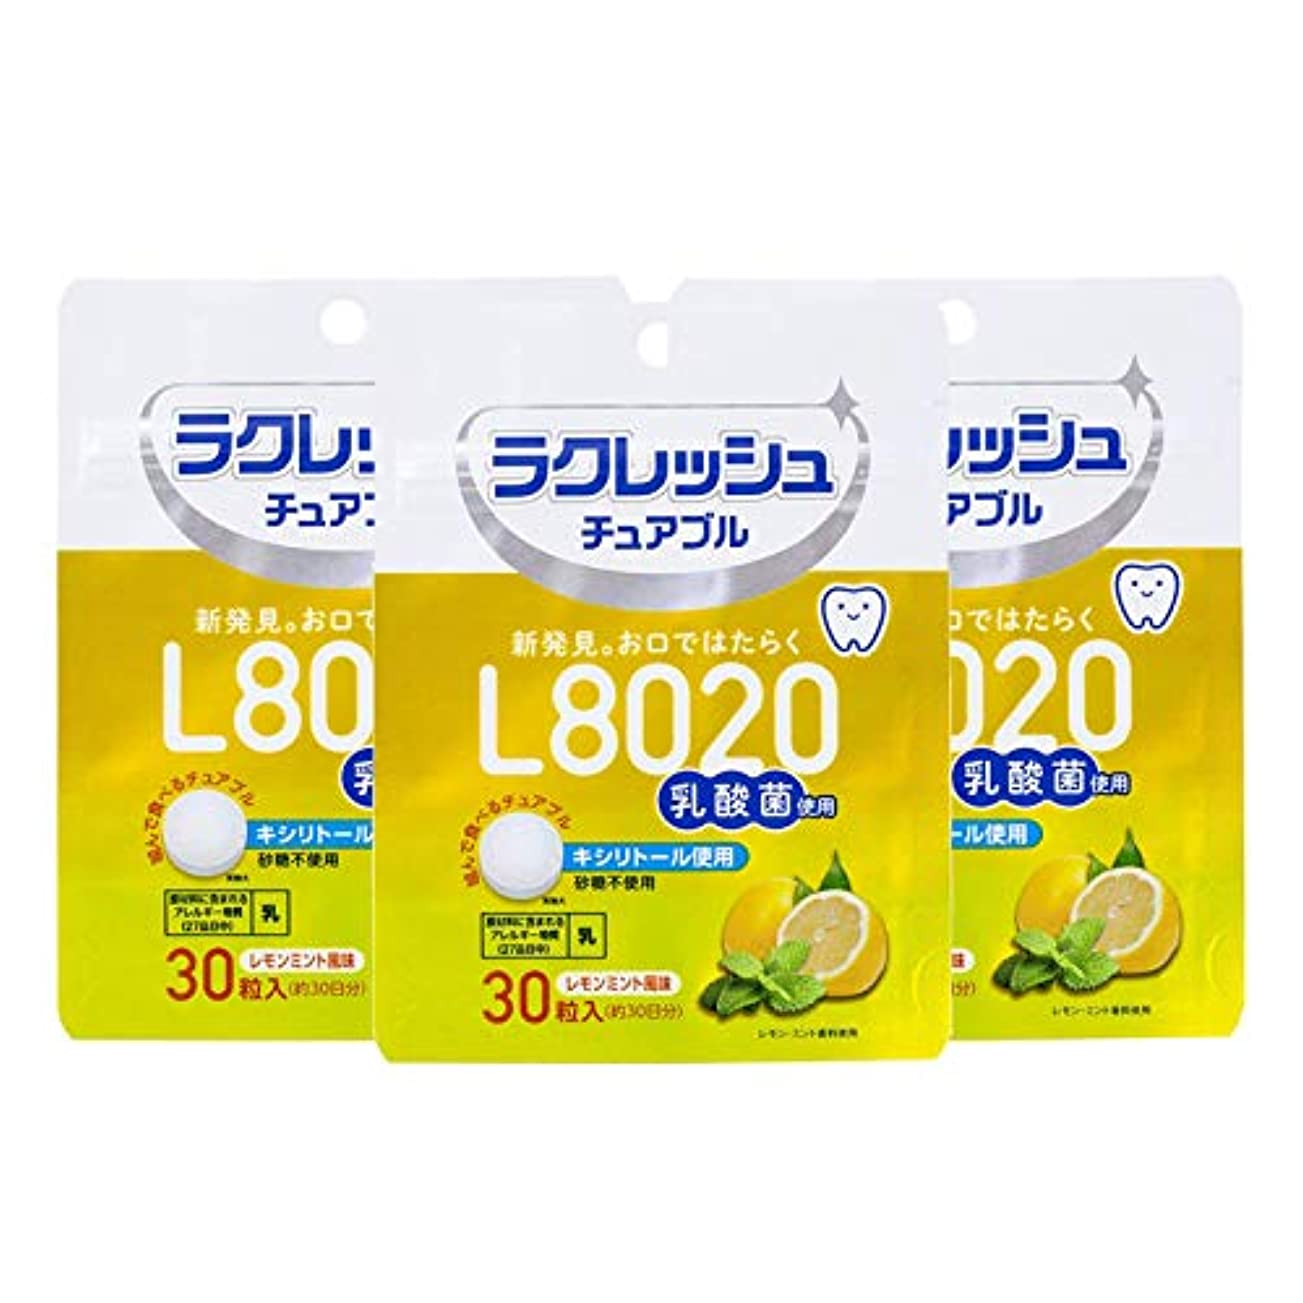 被害者後ろにに渡ってL8020乳酸菌ラクレッシュ チュアブル レモンミント風味(30粒) 3袋 タブレット